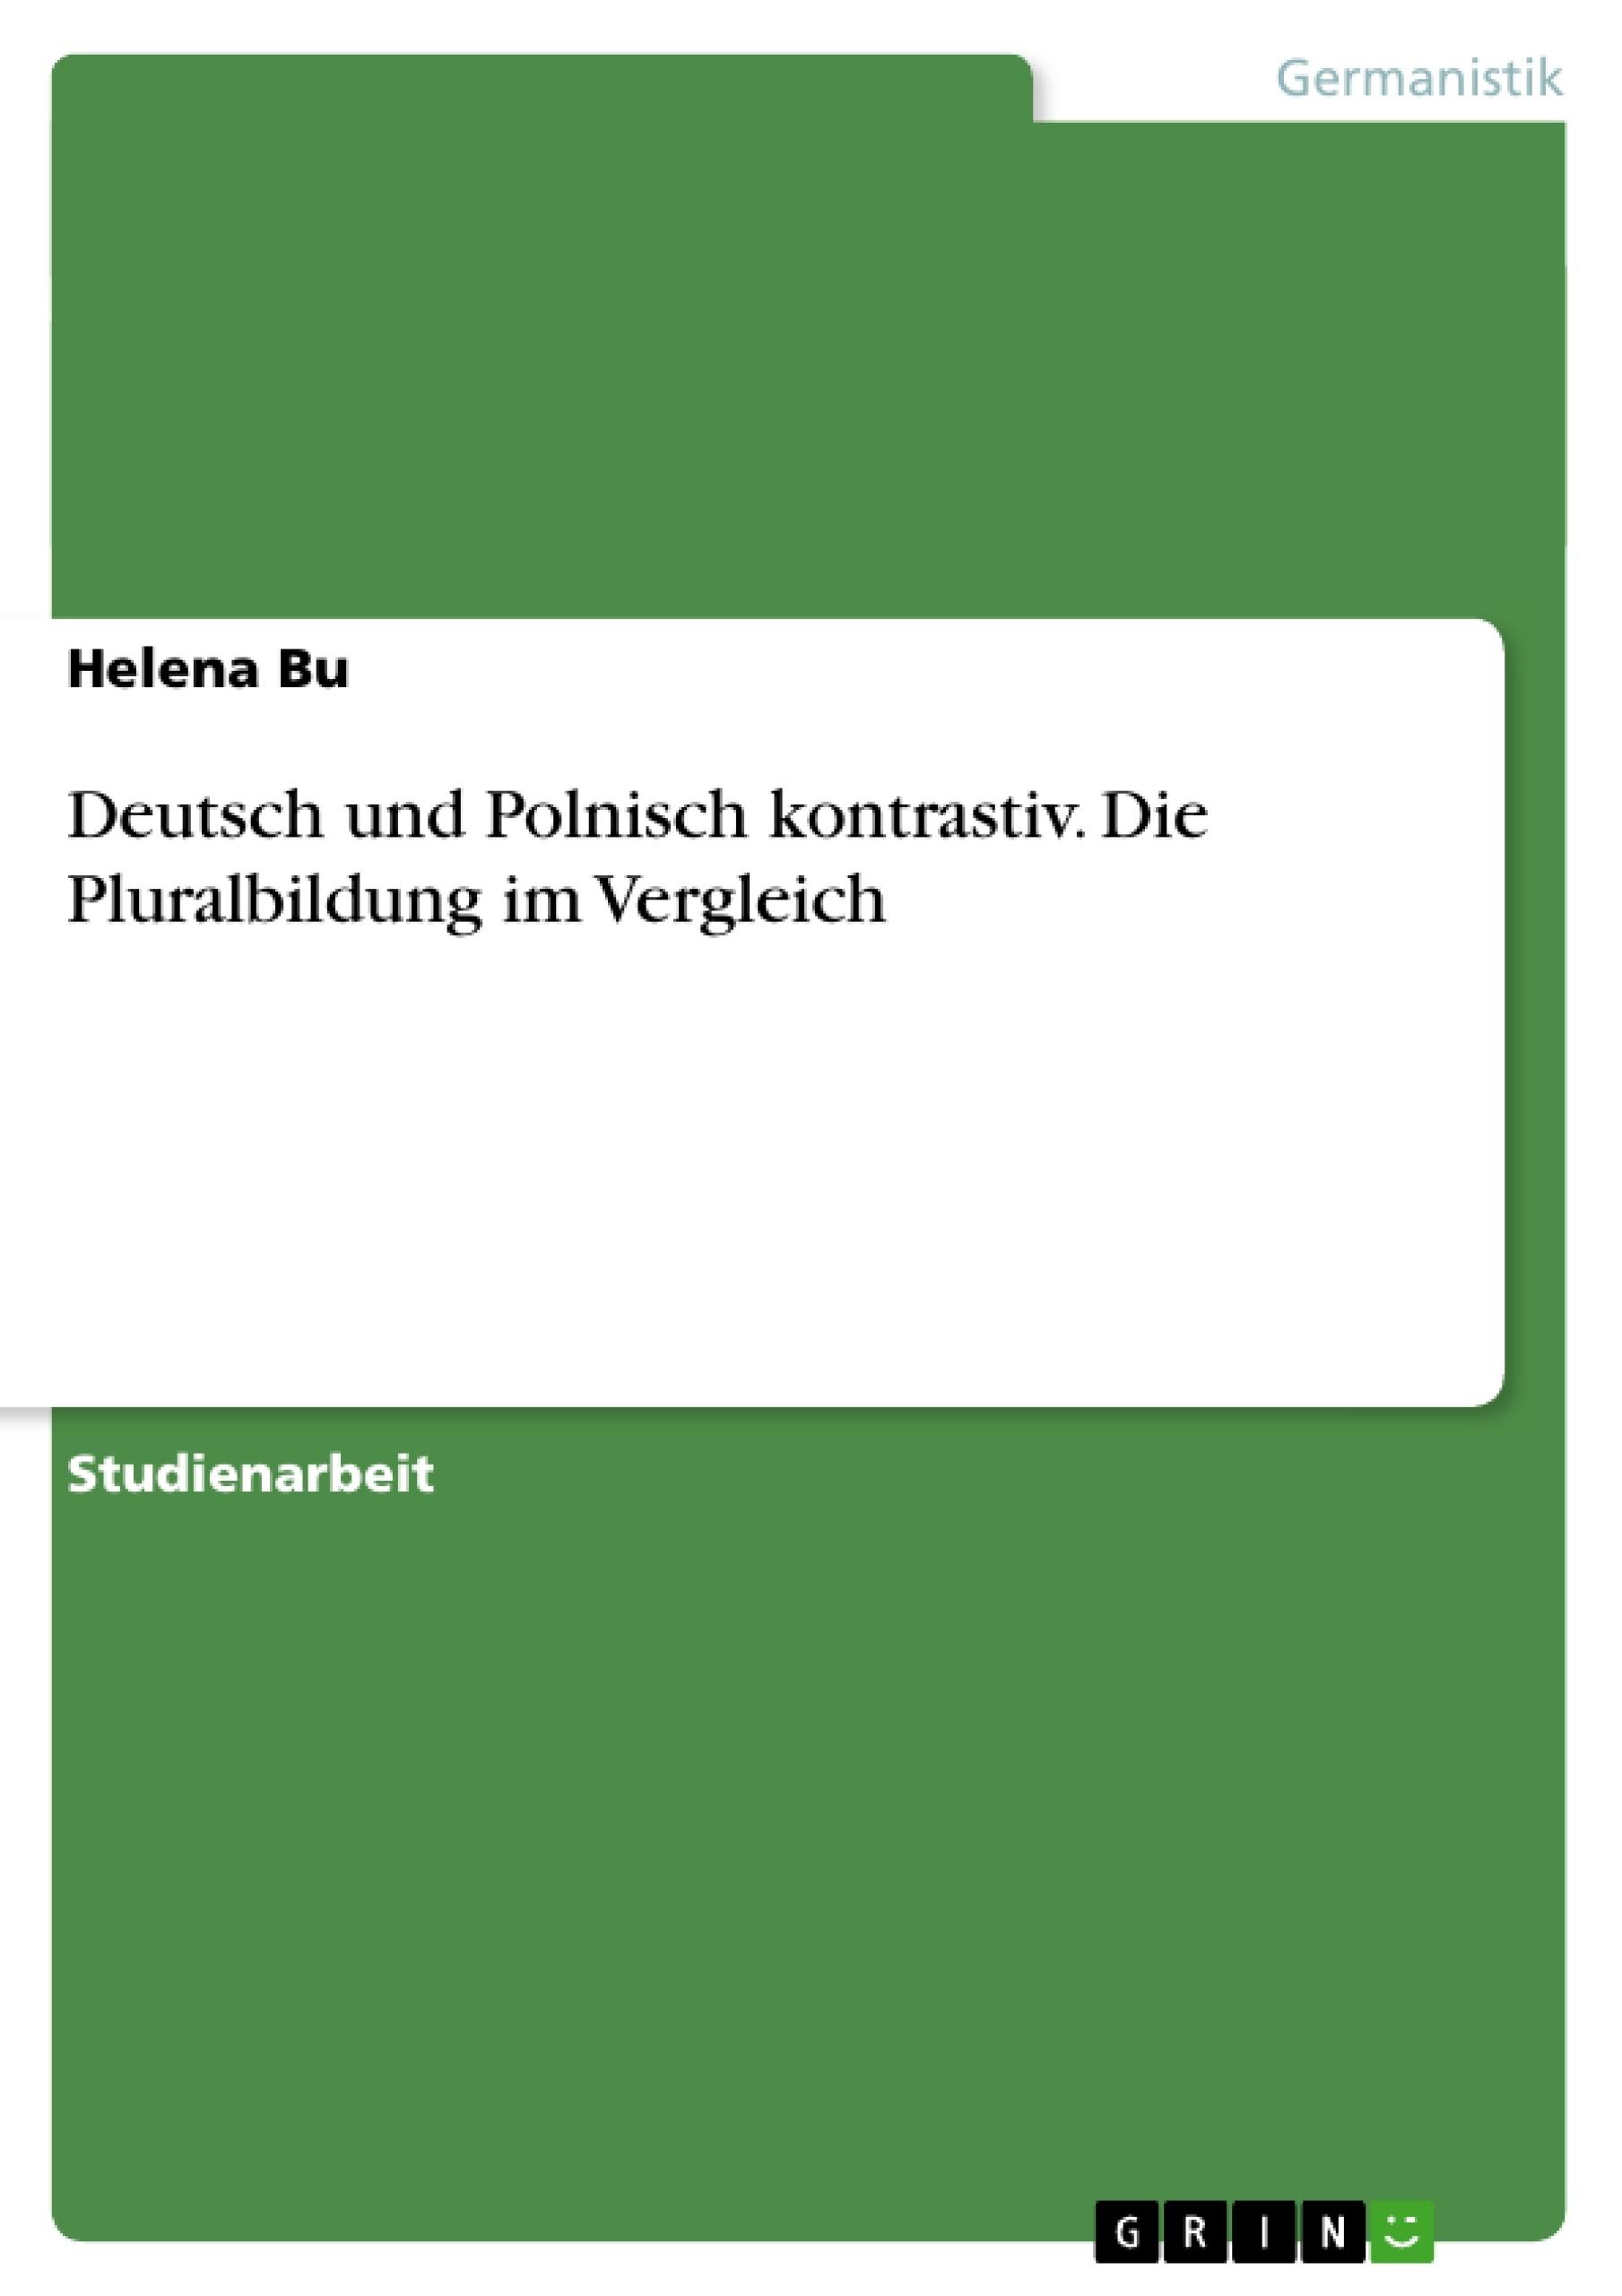 Titel: Deutsch und Polnisch kontrastiv. Die Pluralbildung im Vergleich